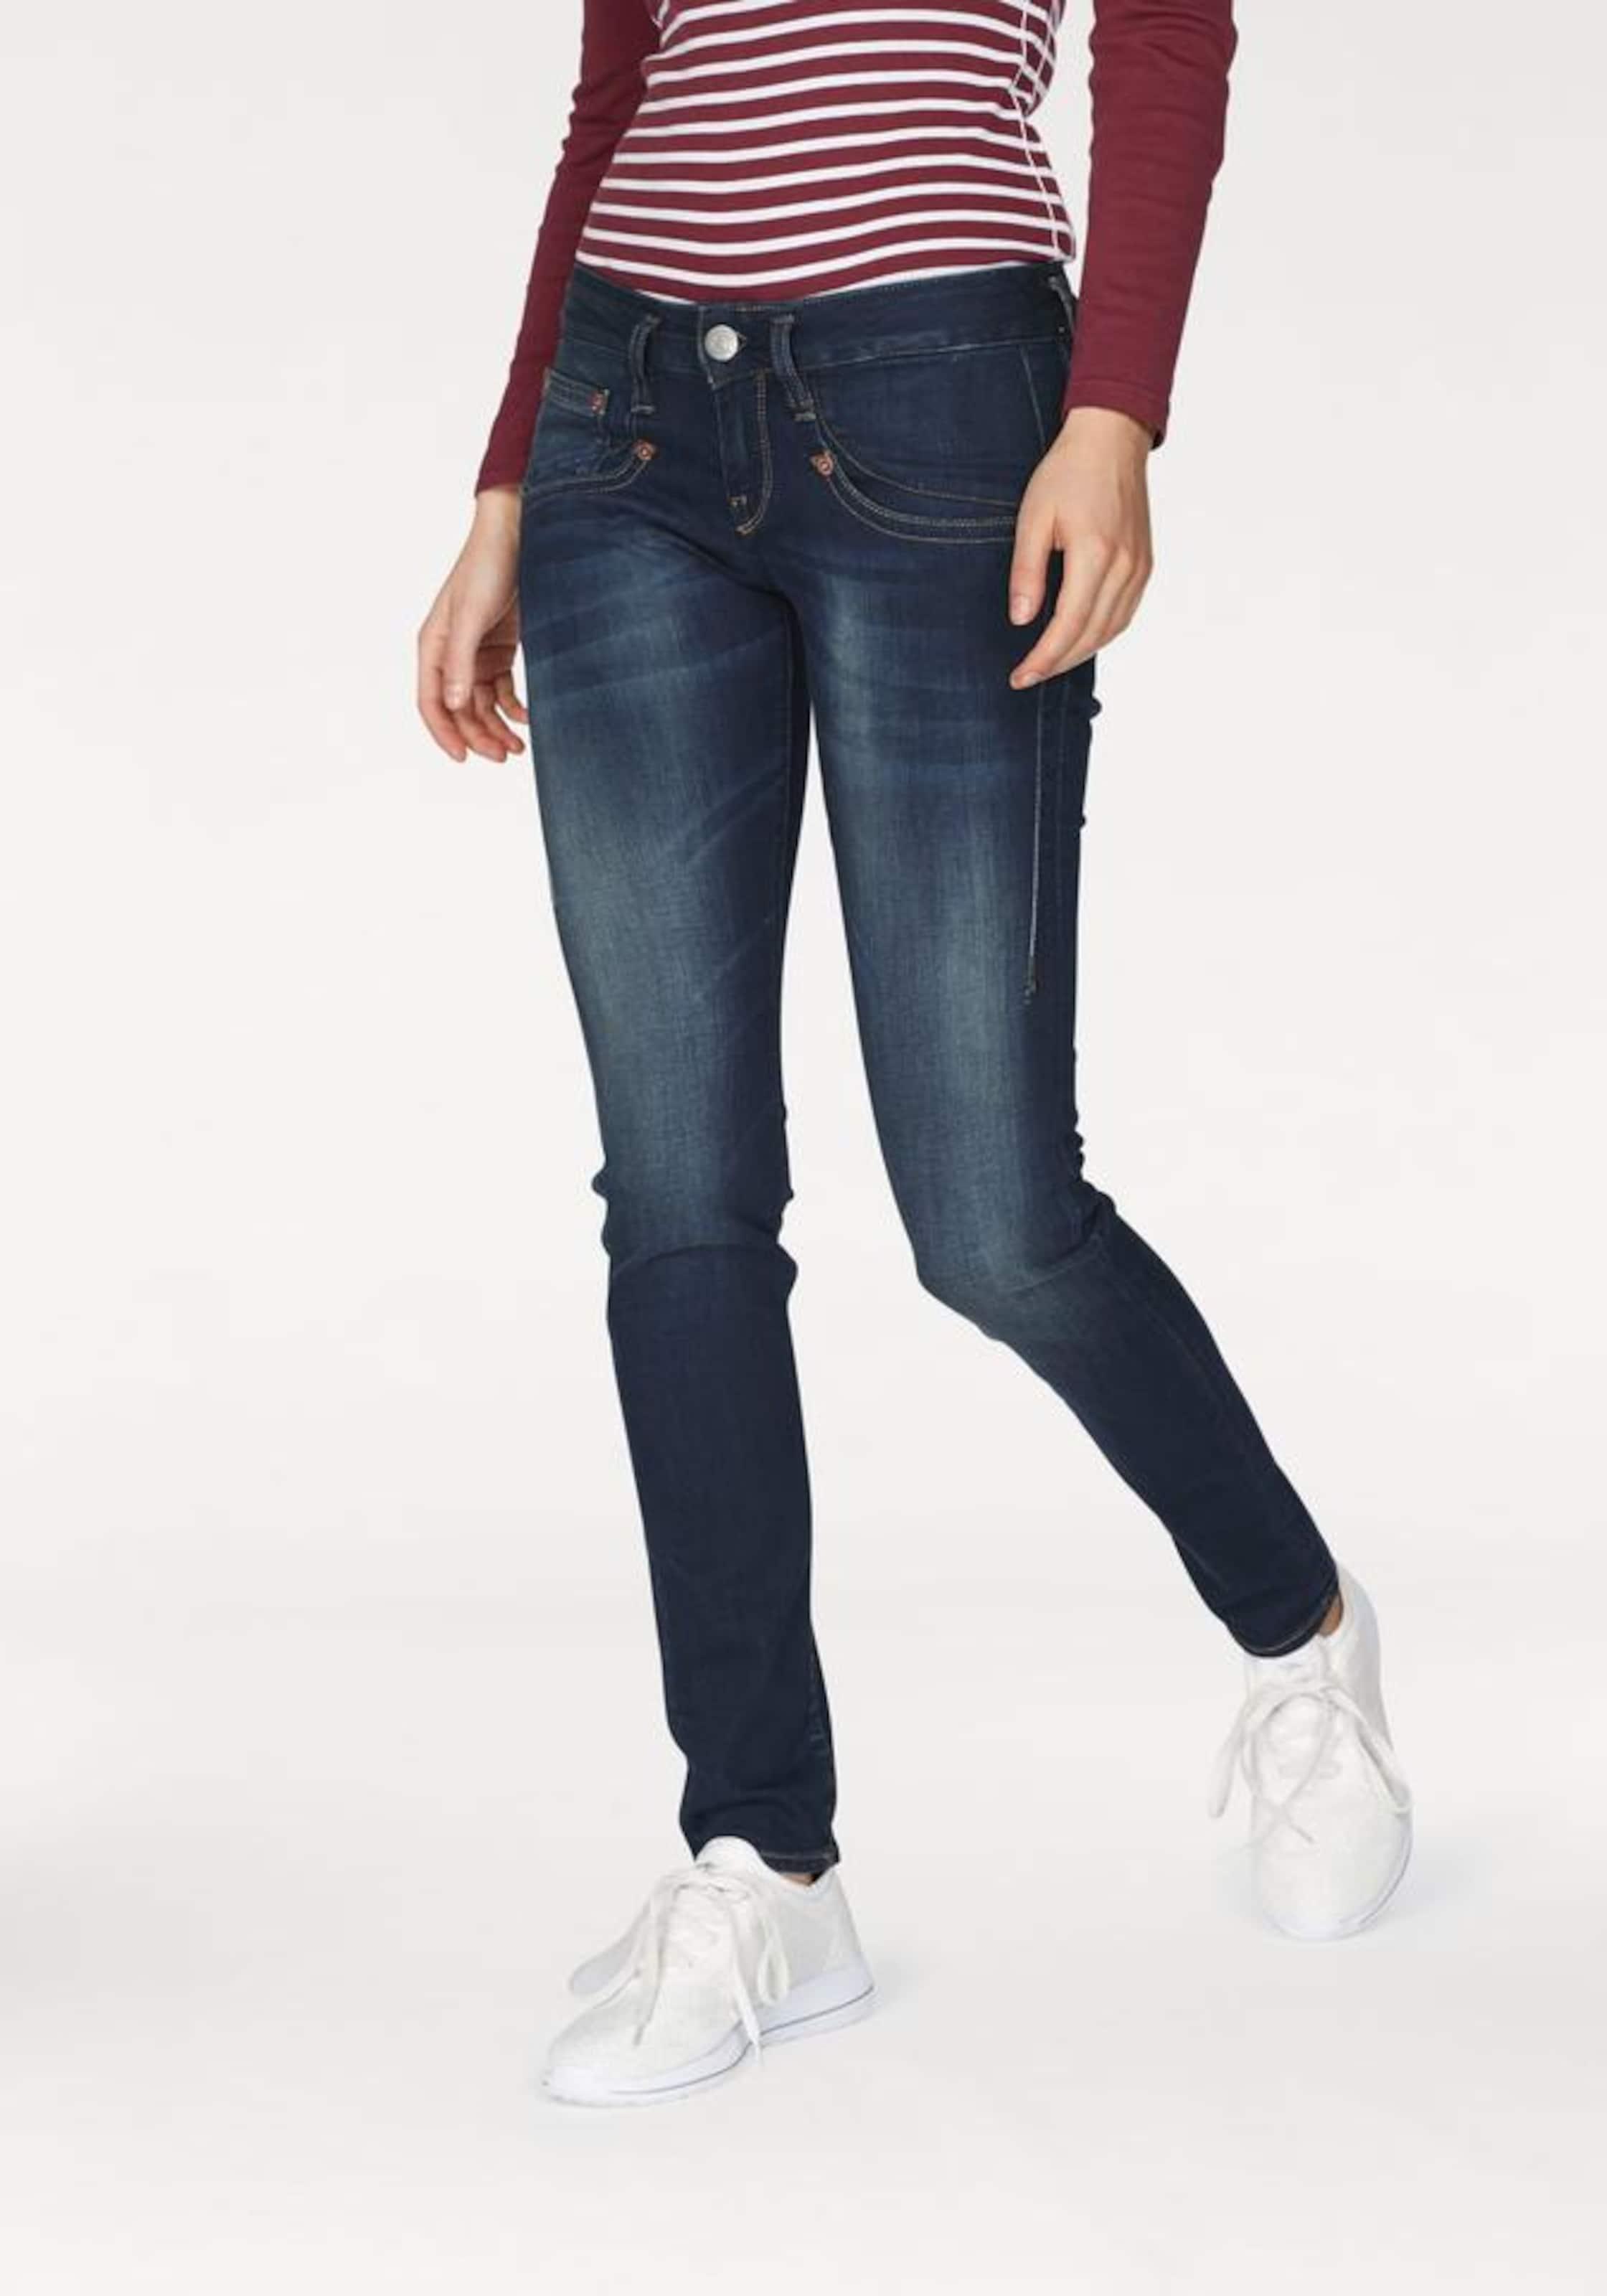 Billiges Countdown-Paket Billig Verkauf Niedriger Preis Herrlicher 'SHYRA' Slimfit Jeans Empfehlen Verkauf Online Günstig Kaufen Für Billig nwMntipHp